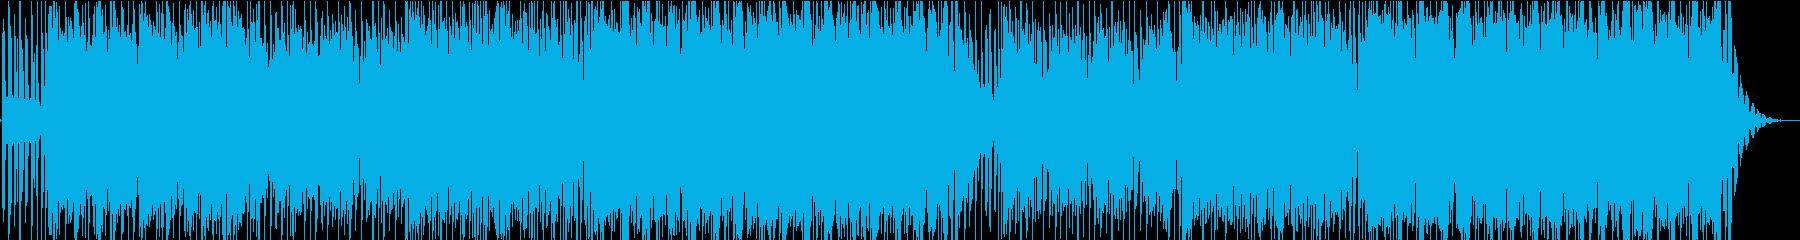 懐かしい雰囲気のローファイハウスの再生済みの波形